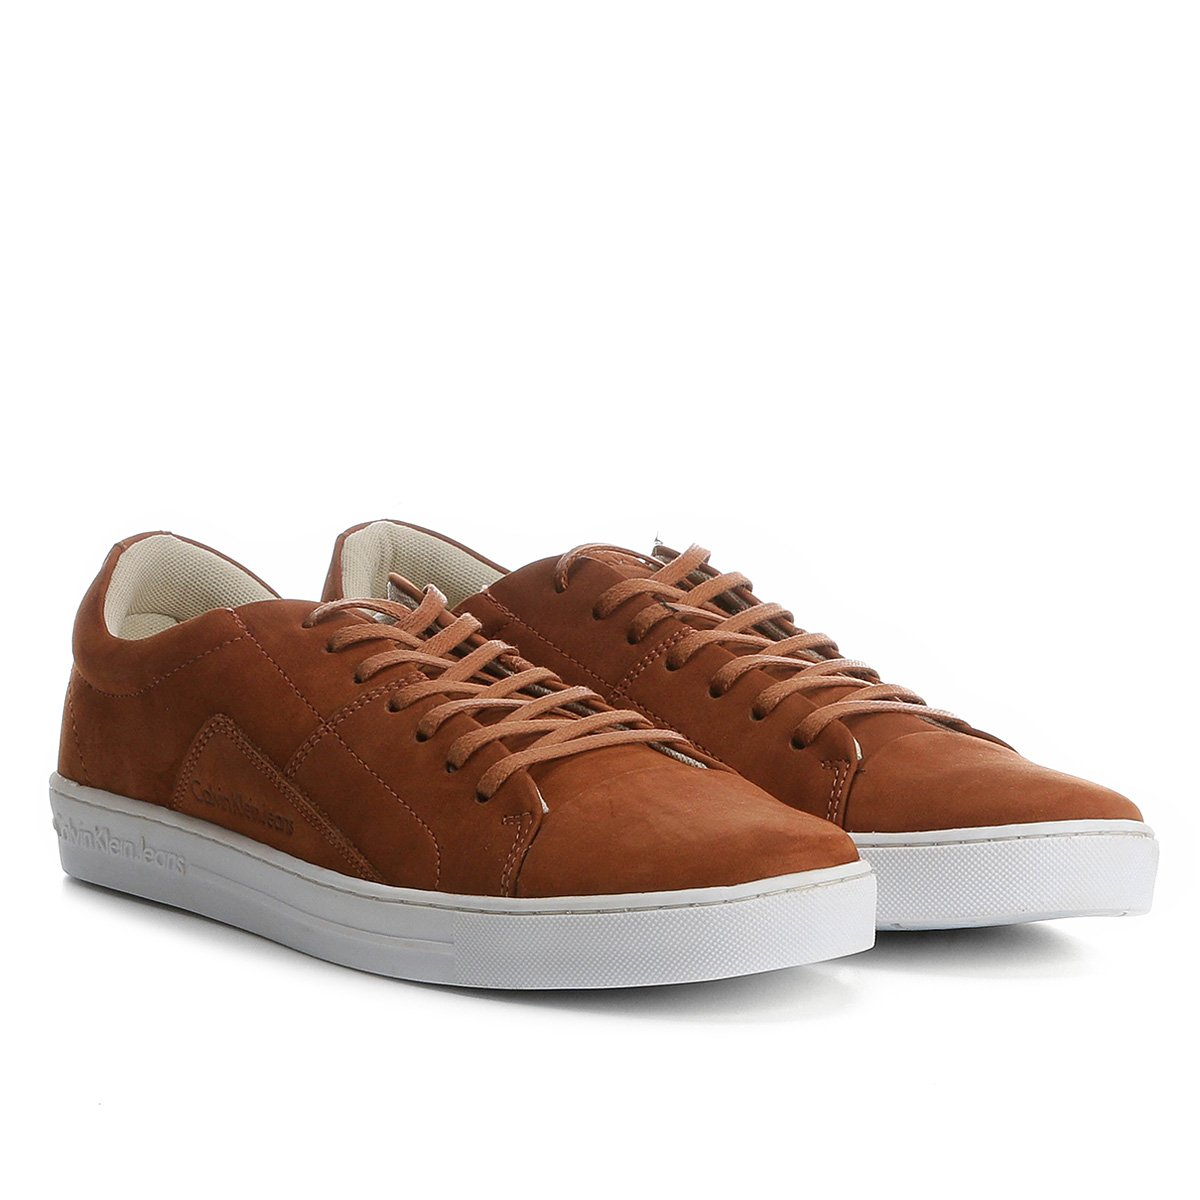 1166b23e823af Sapatênis Couro Calvin Klein Masculino - Marrom Claro - Compre Agora ...